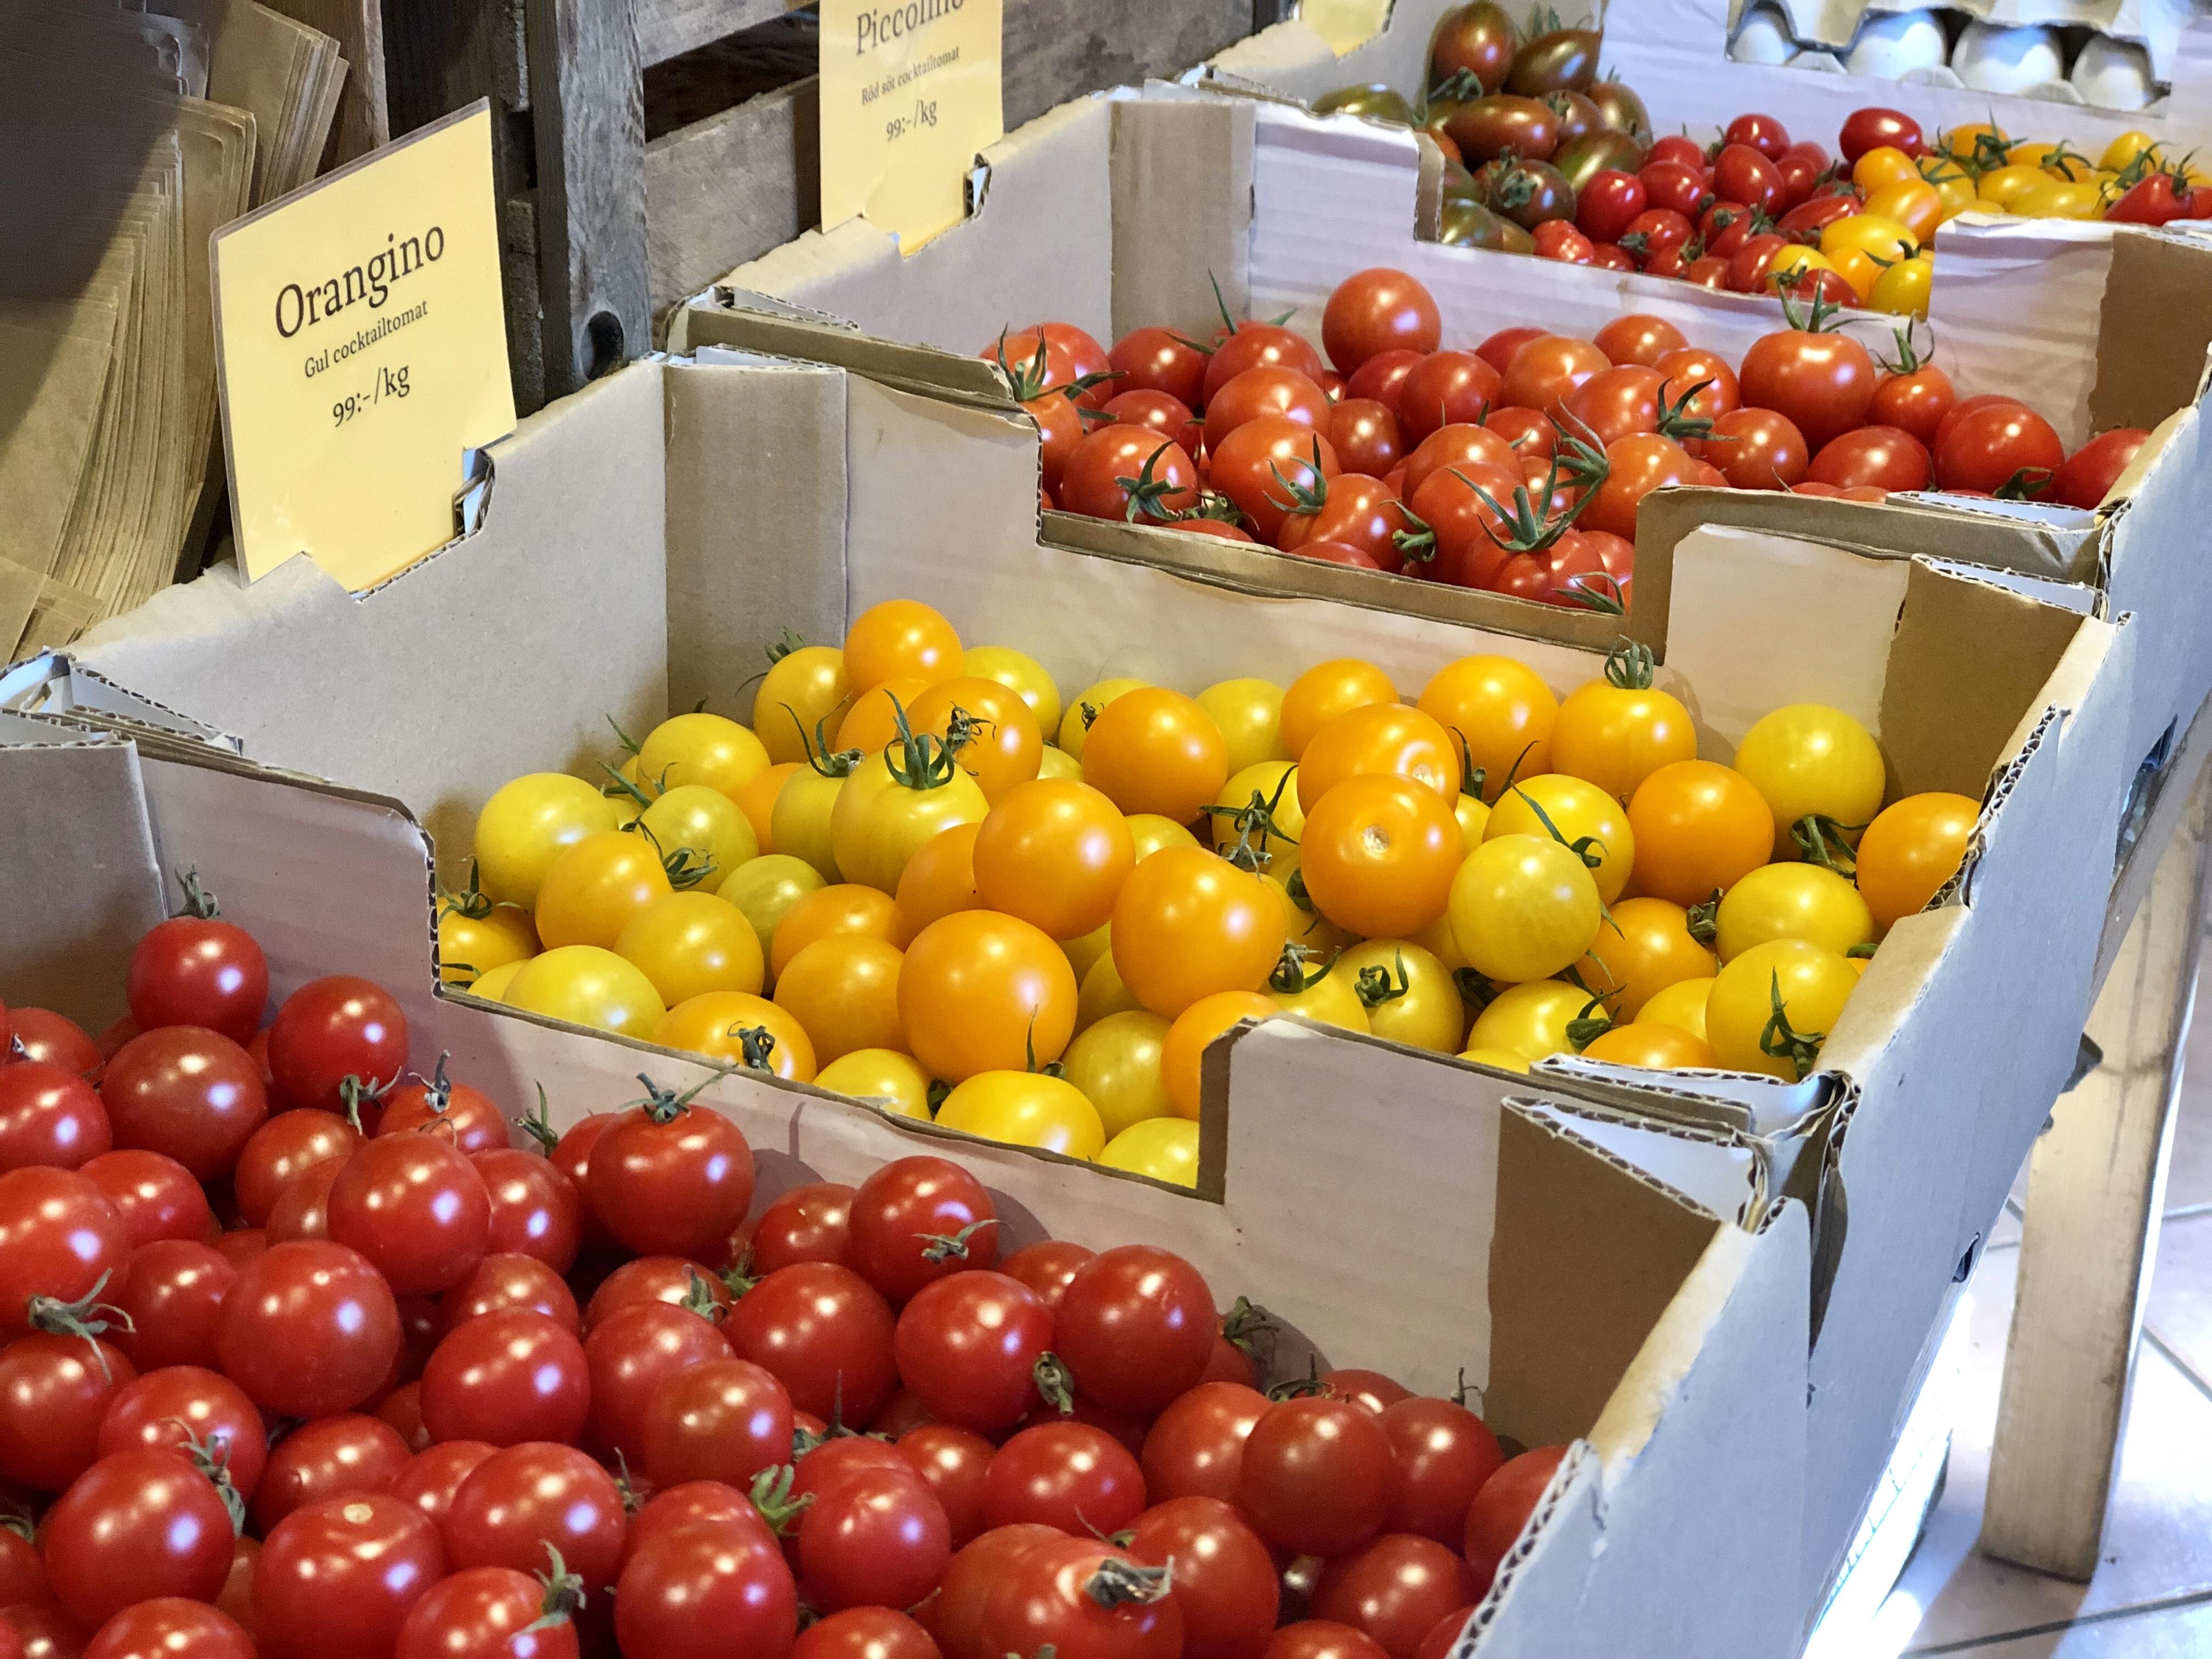 Ändebol ekologiska tomater